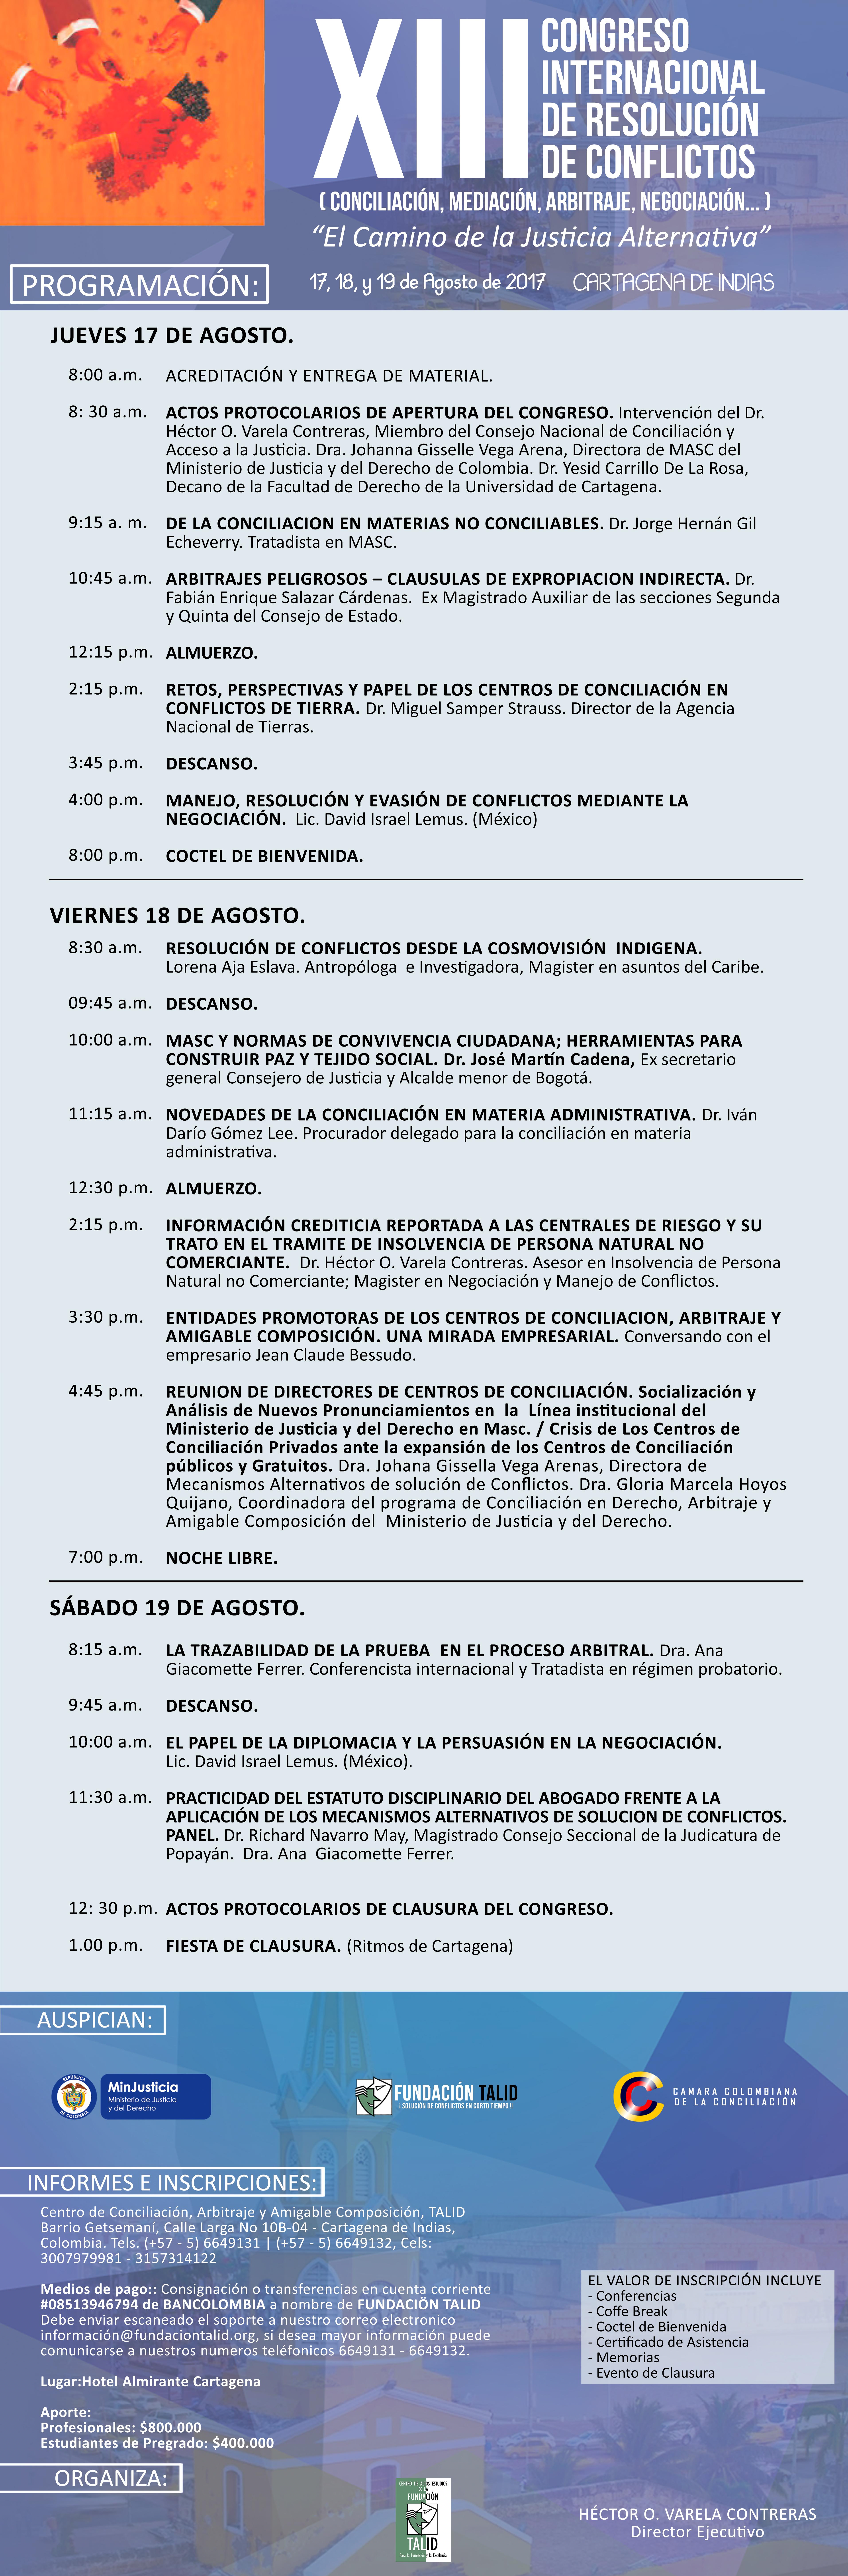 XIII Congreso internacional de resolución de conflictos enCartagena